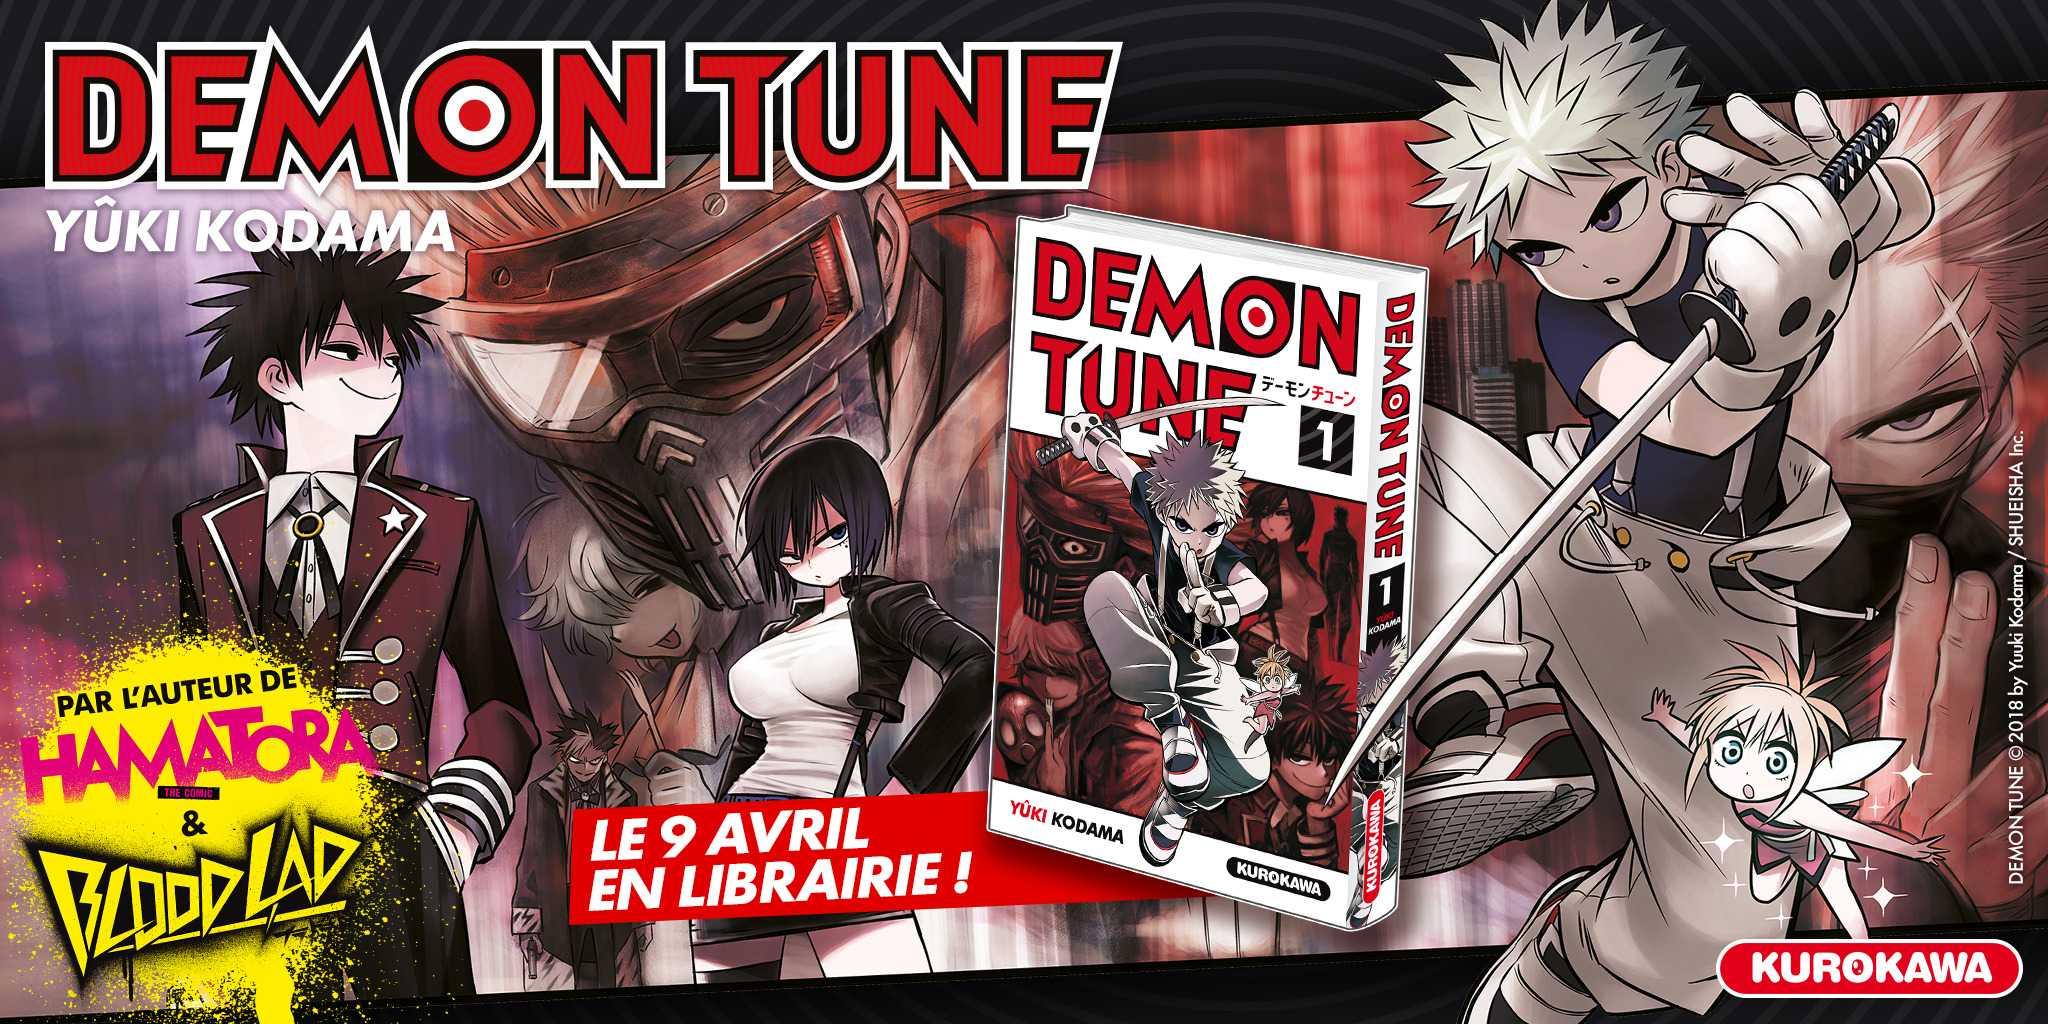 Demon Tune Annonce